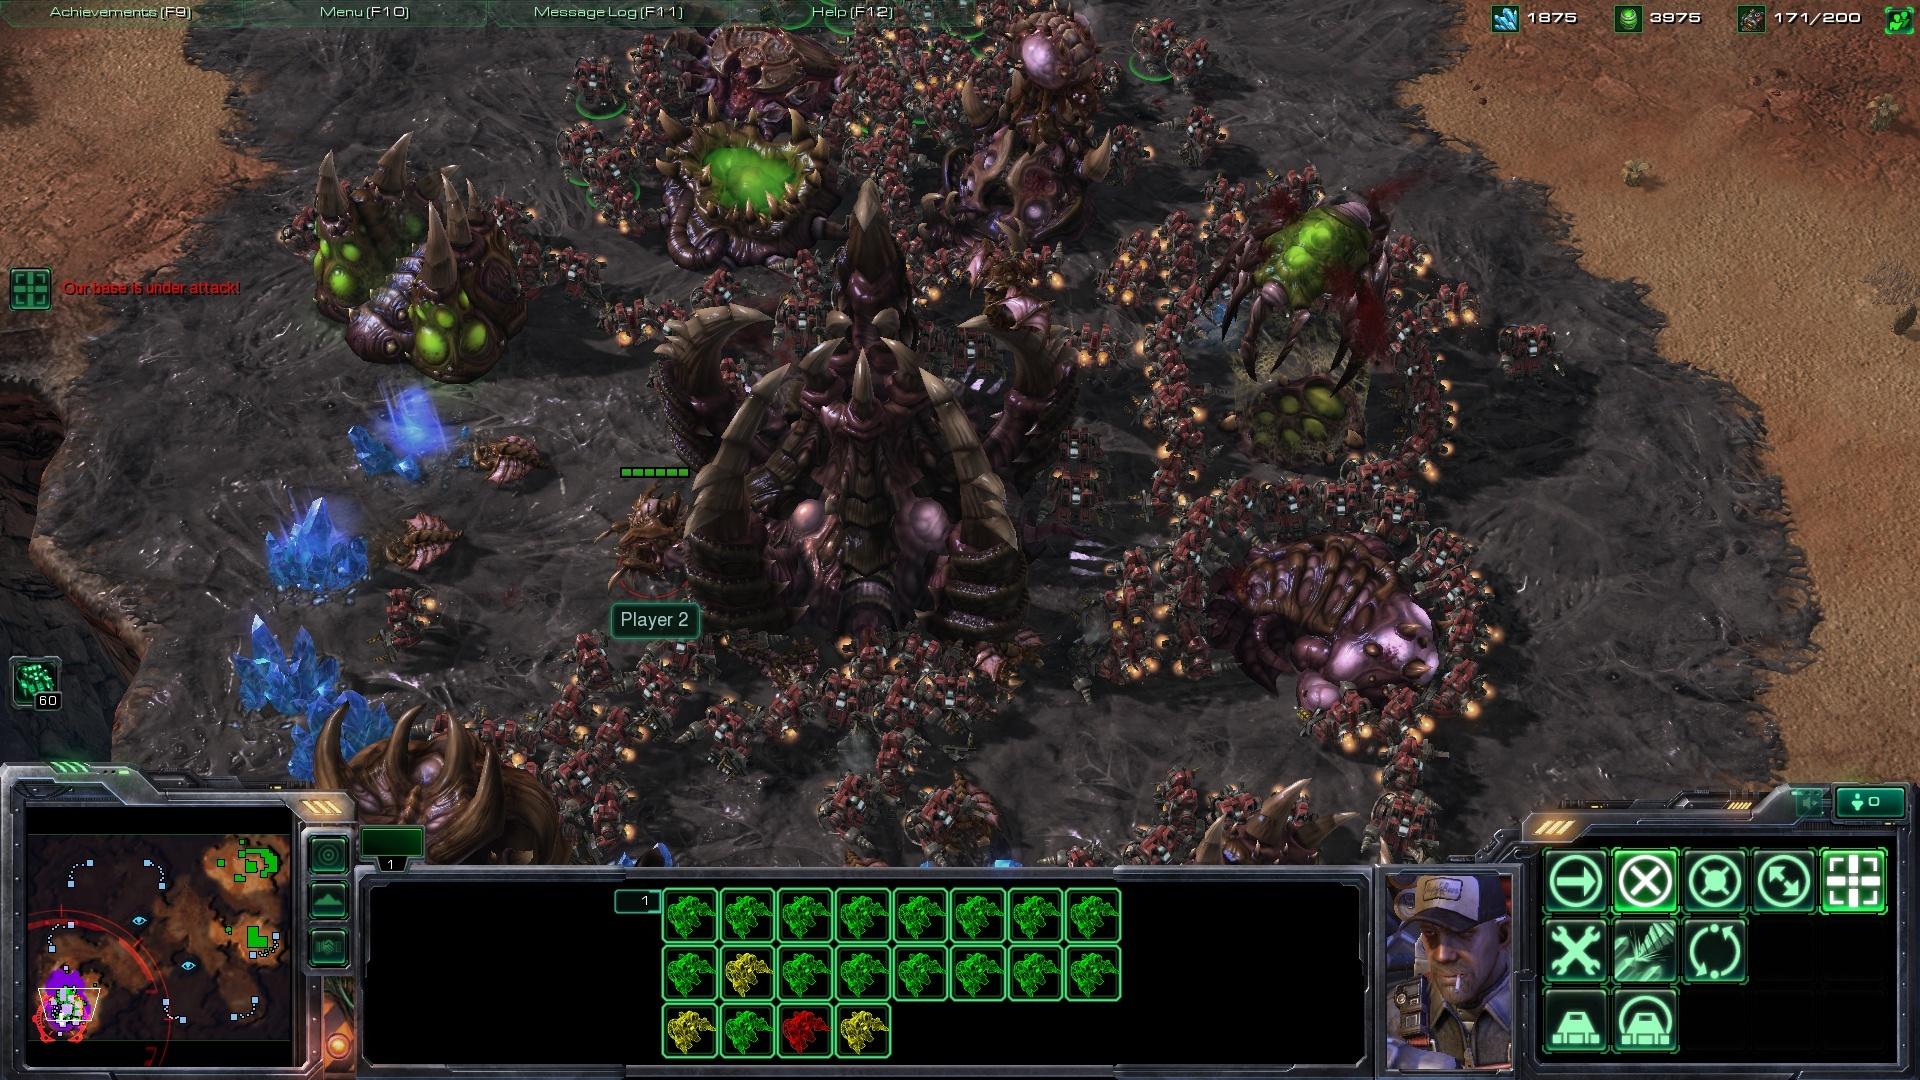 Zerg rush - Starcraft